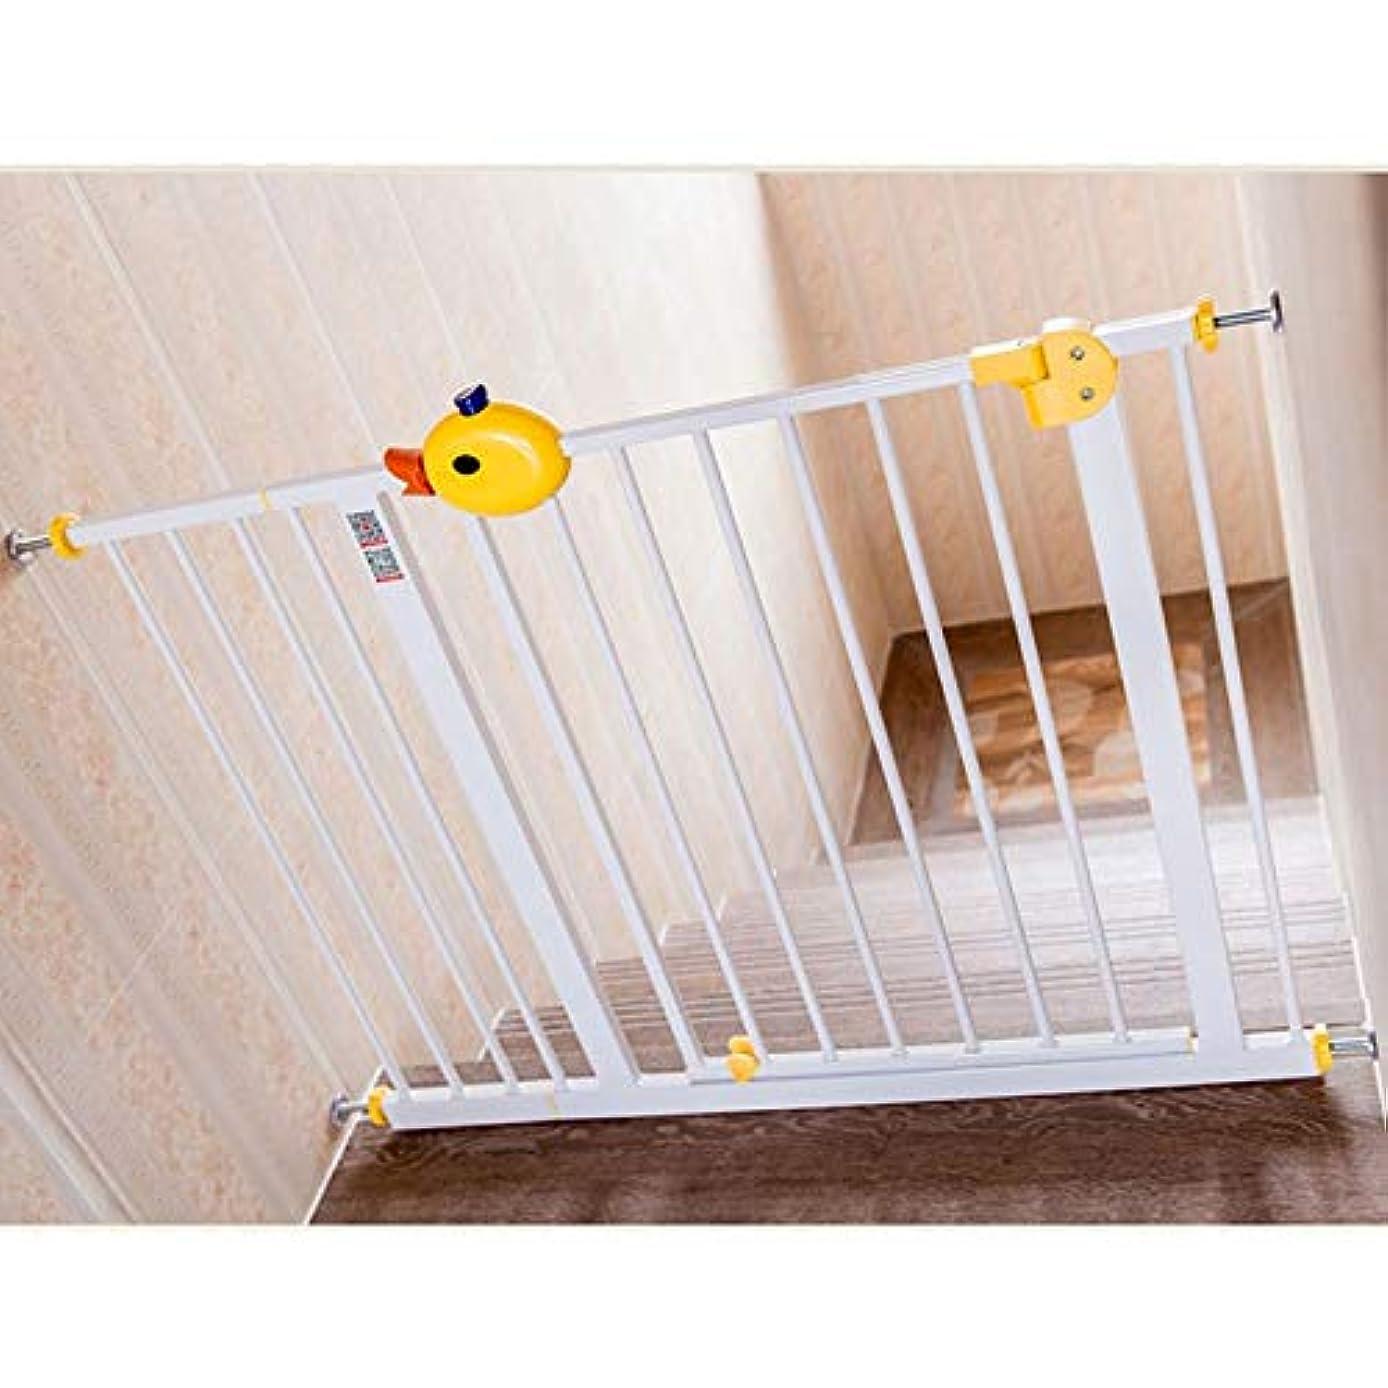 はず翻訳するメロンベビーフェンス 赤ちゃんの安全ゲートエクストラワイドキッズバリアプロテクター圧力定着オートクローズゲート階段 ペットゲート (Size : 225-234cm)